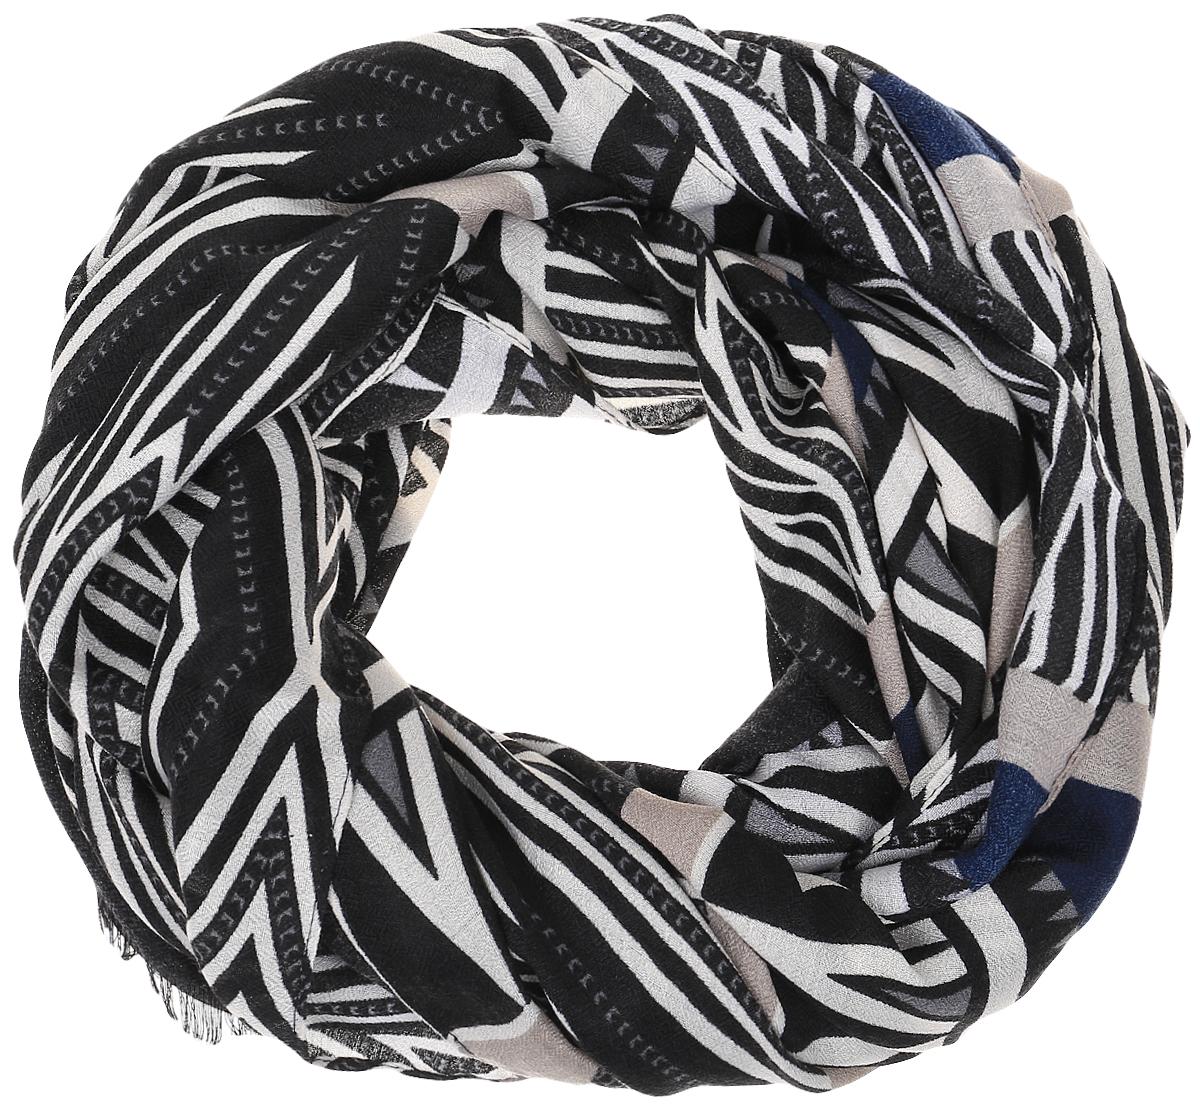 Палантин Sophie Ramage, цвет: бежевый, черный, синий. HL-21602-3. Размер 90 см х 180 смHL-21602-3Элегантный палантин Sophie Ramage станет достойным завершением вашего образа. Палантин изготовлен из модала с добавлением шерсти. Модель оформлена оригинальным геометрическим принтом. Палантин красиво драпируется, он превосходно дополнит любой наряд и подчеркнет ваш изысканный вкус. Легкий и изящный палантин привнесет в ваш образ утонченность и шарм.